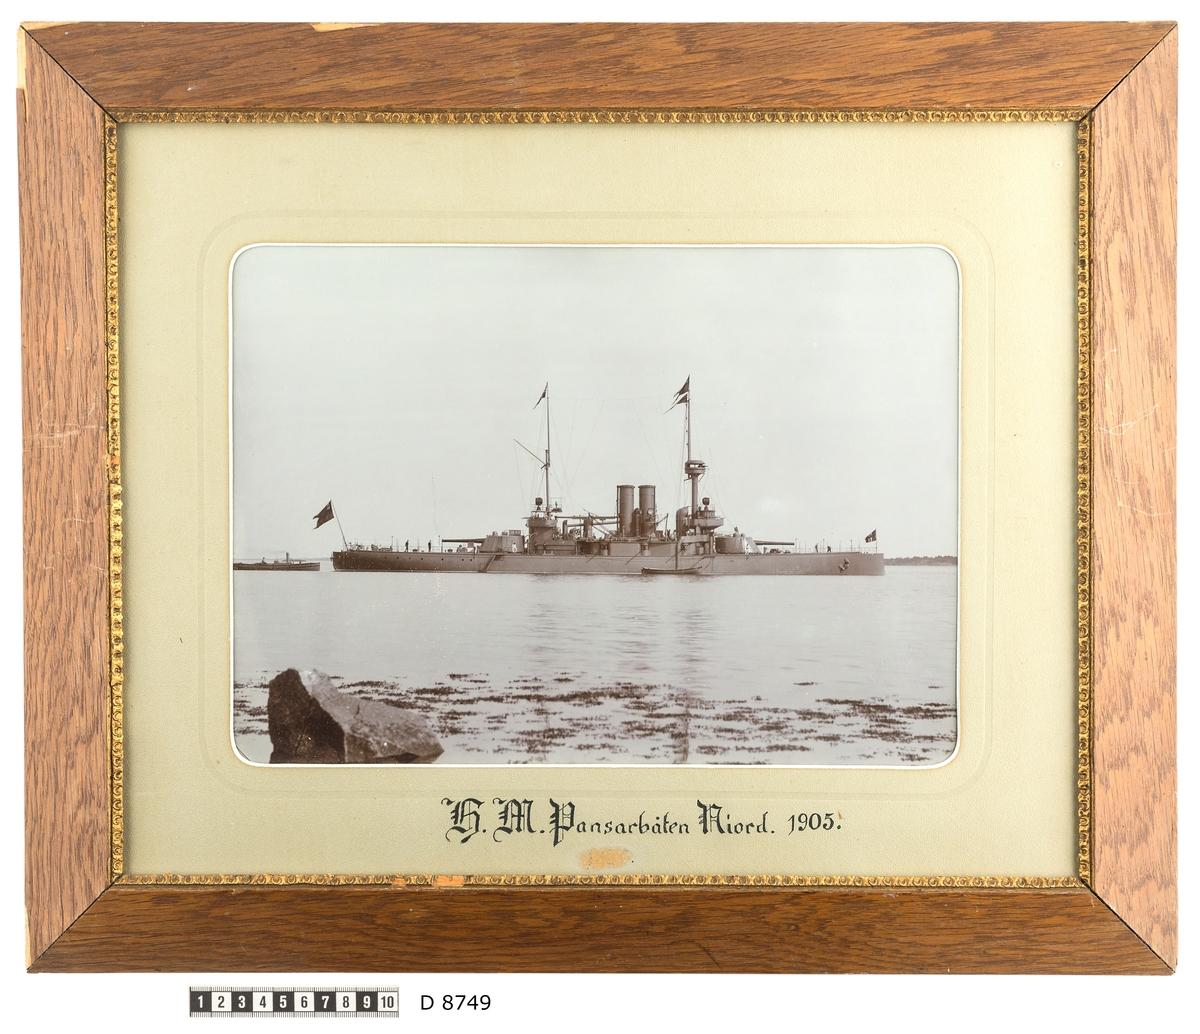 Fartygsporträtt som visar pansarbåten Niord till ankars. Fartyget syns från babordssidan där en skeppsbåt ligger förtöjt. Flera repstege leder upp till däcket. Vid akterskeppet ligger ett mindre ångfartyg som verka håller på att försörja pansarbåten. På förskeppet arbetar två men. I bakgrunden syns kusten. Förgrunden domineras av en stor stenblock och man anar strandkanten på grund av tång i vattnet.